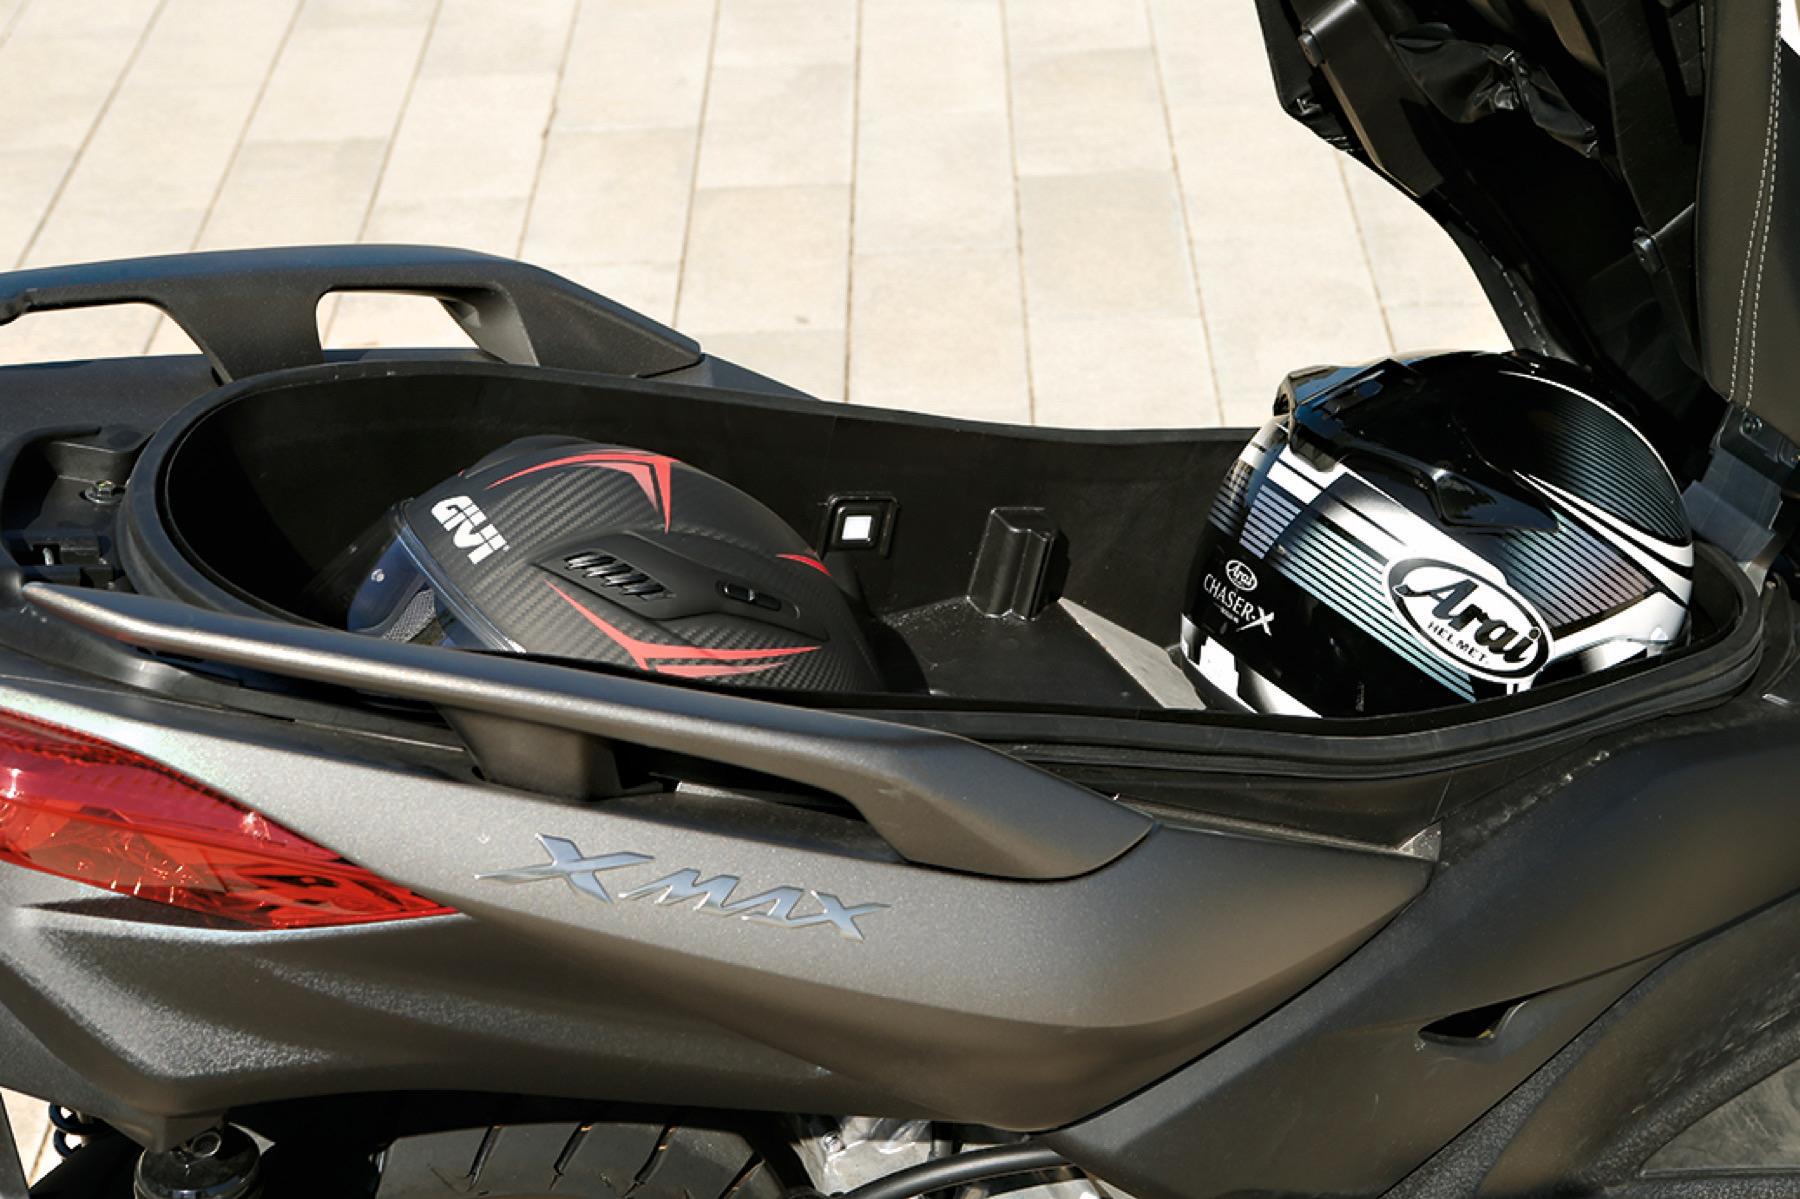 Galería Comparativa Scooters 300